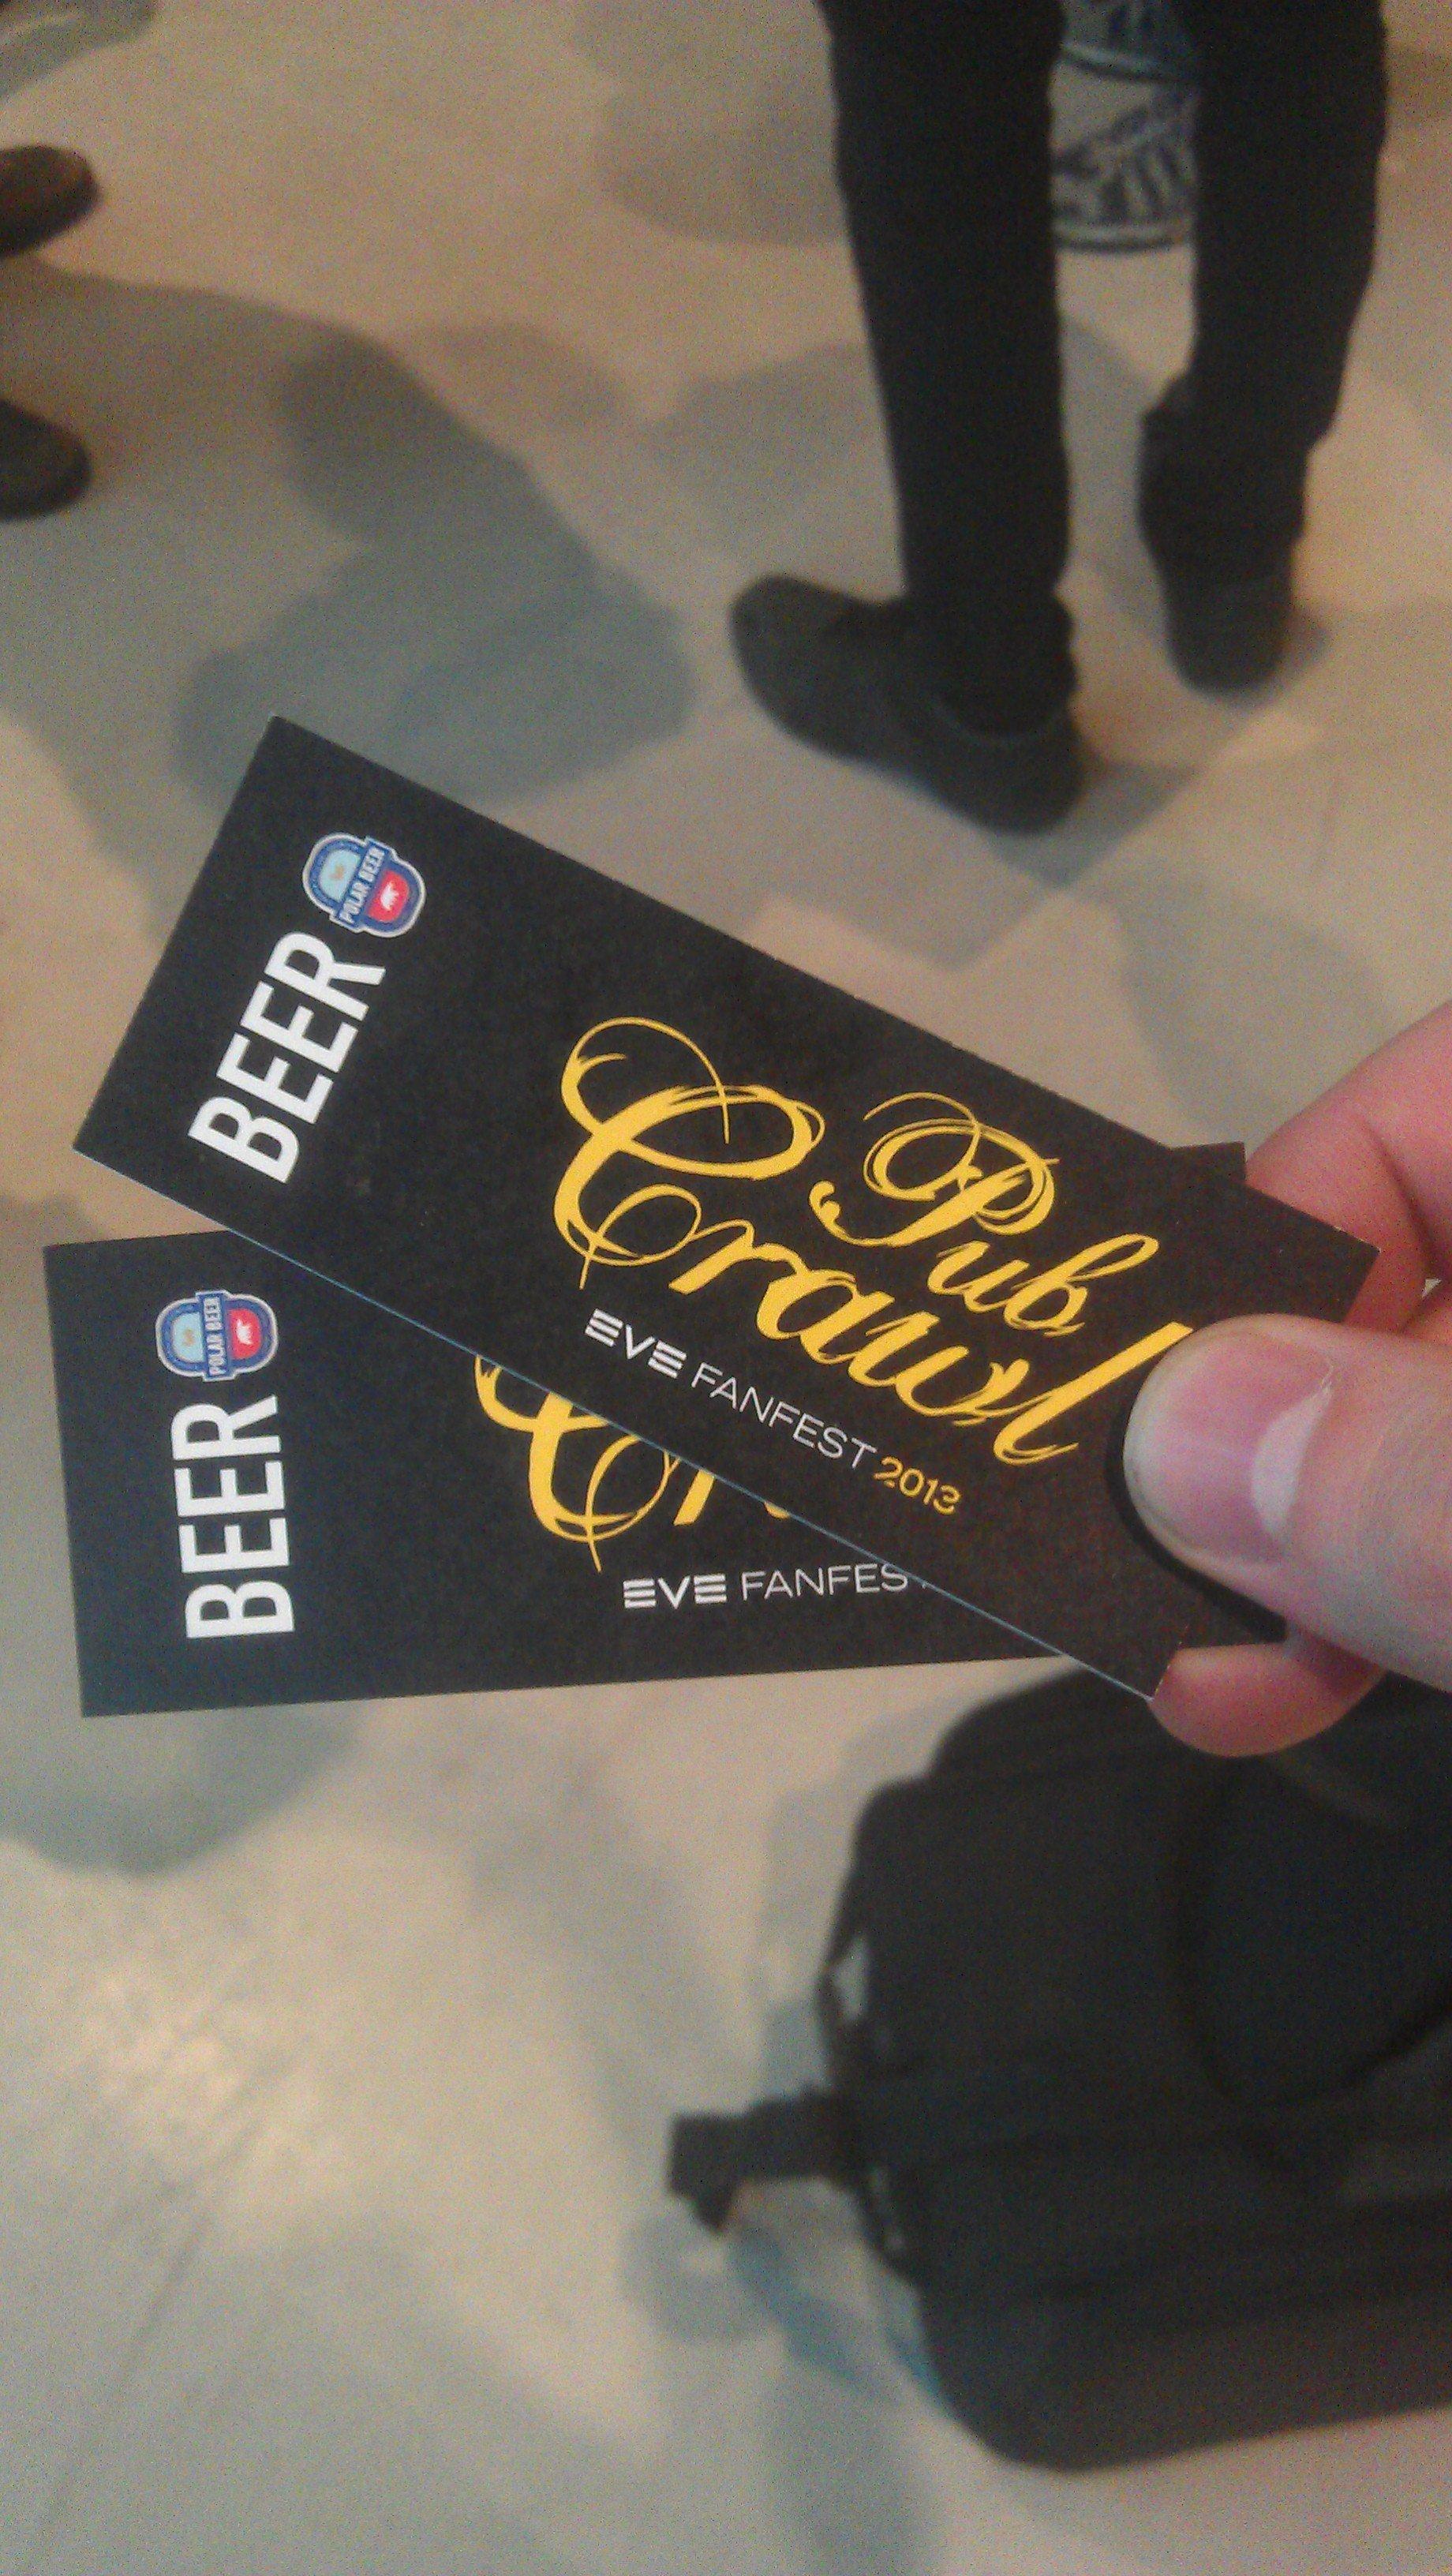 Это первое и единственное свидетельство того, что мы были на Pub Crawl  with devs вчера. Простите! #evefanfest #pubcrawl - Изображение 1